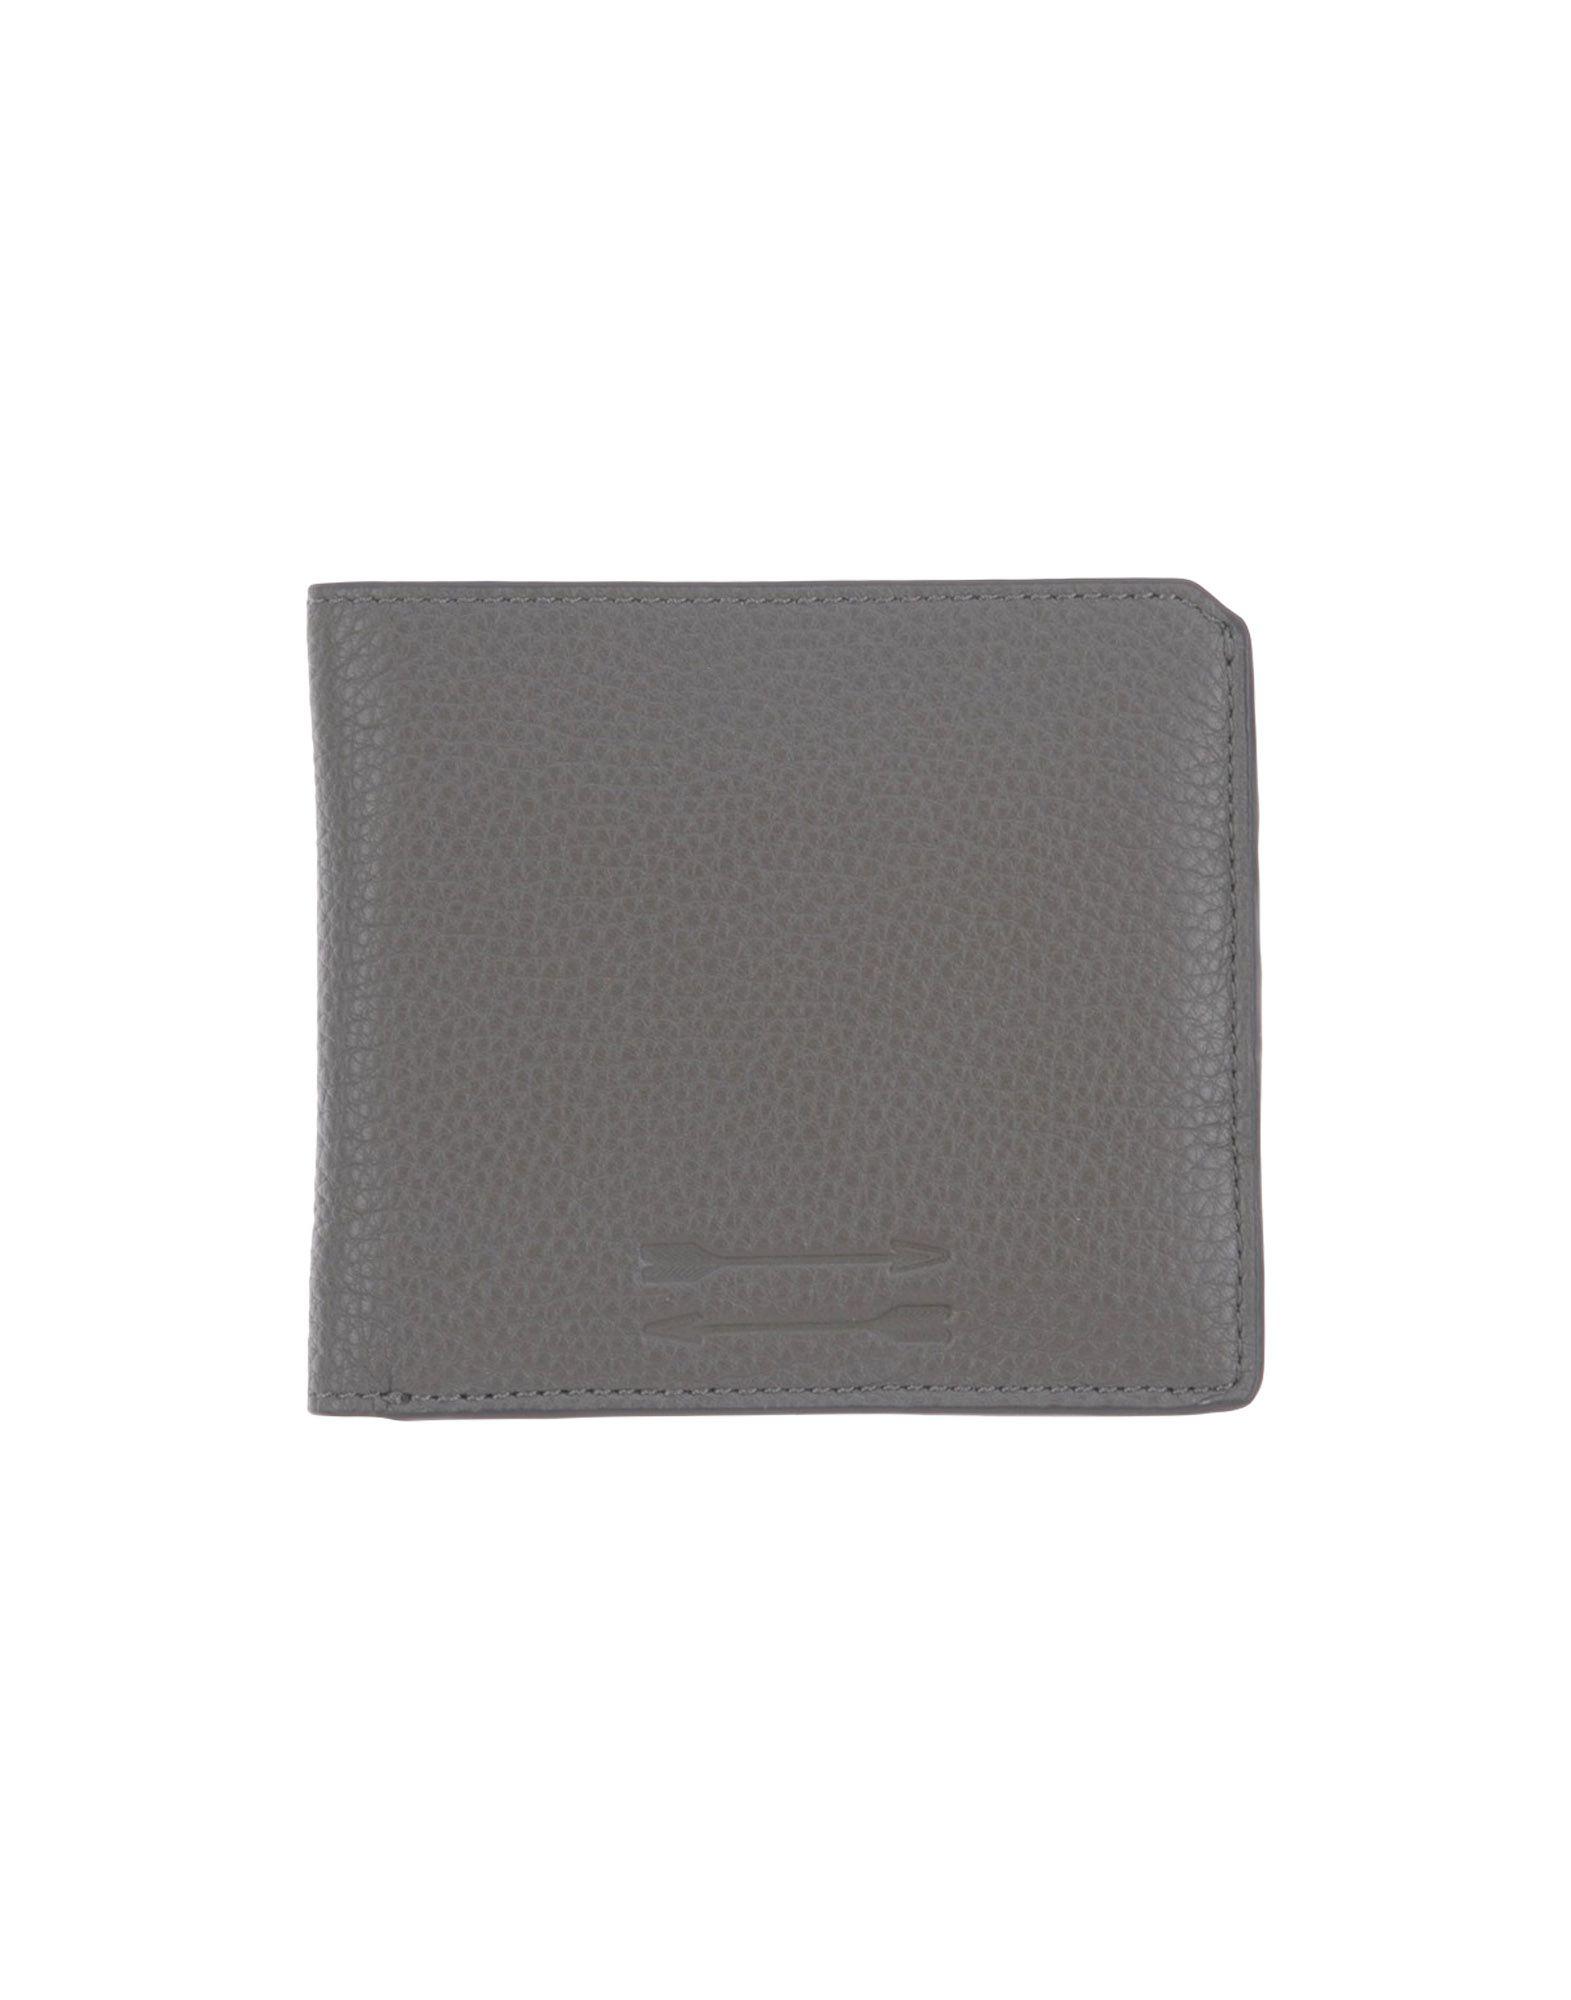 ФОТО uri minkoff бумажник